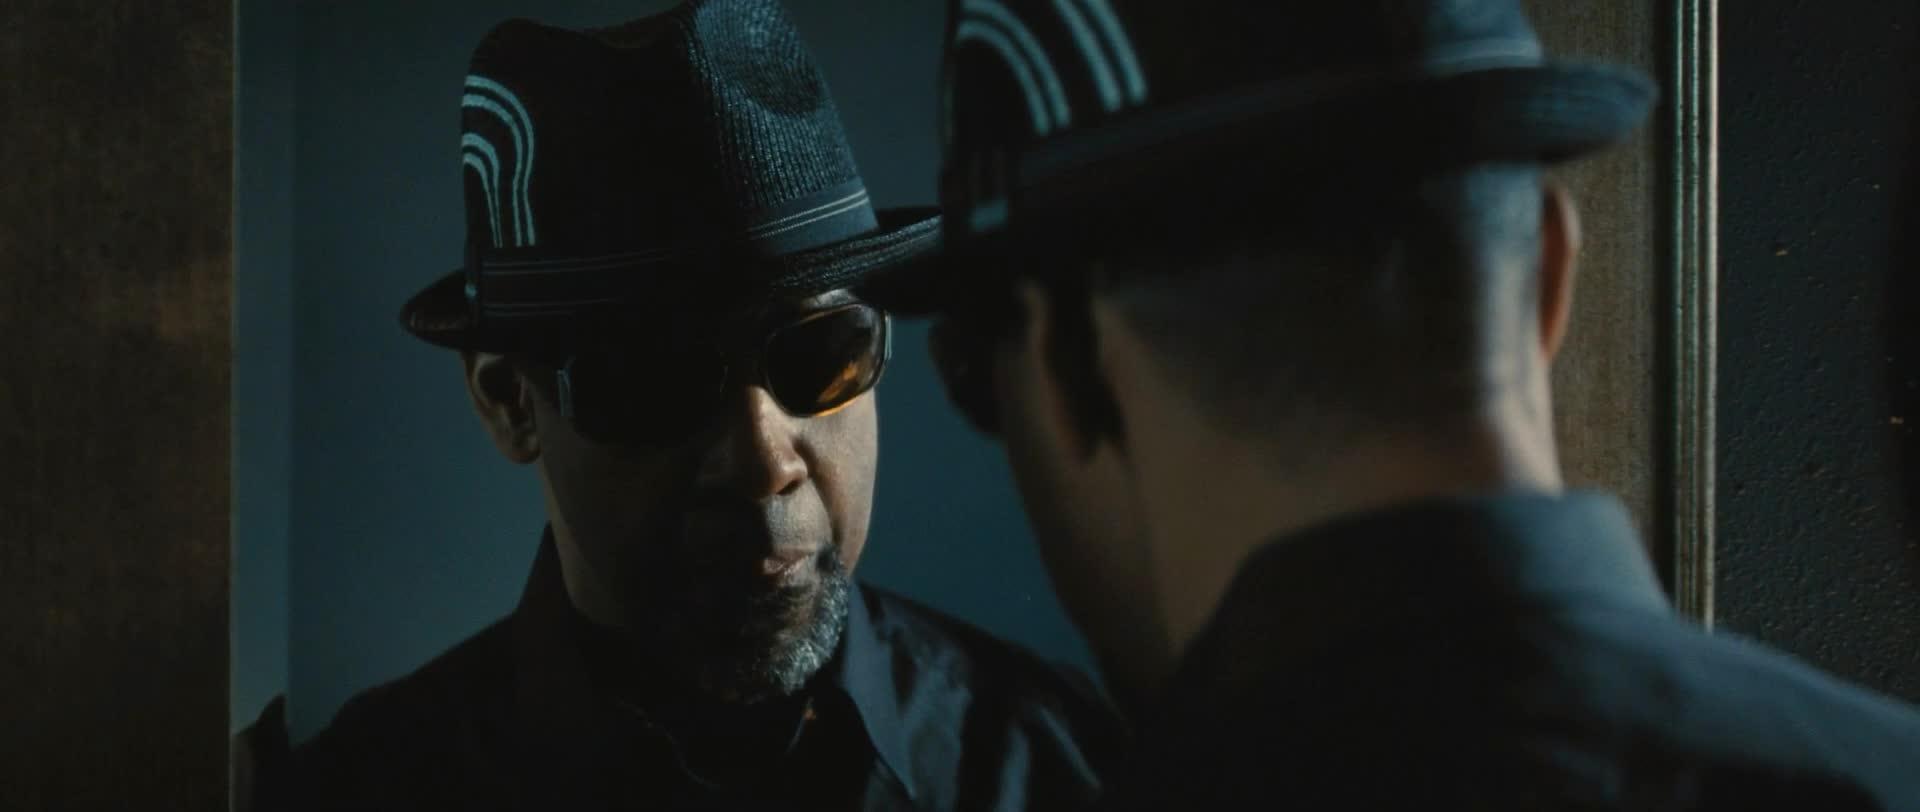 Просмотр фильма два ствола 2013